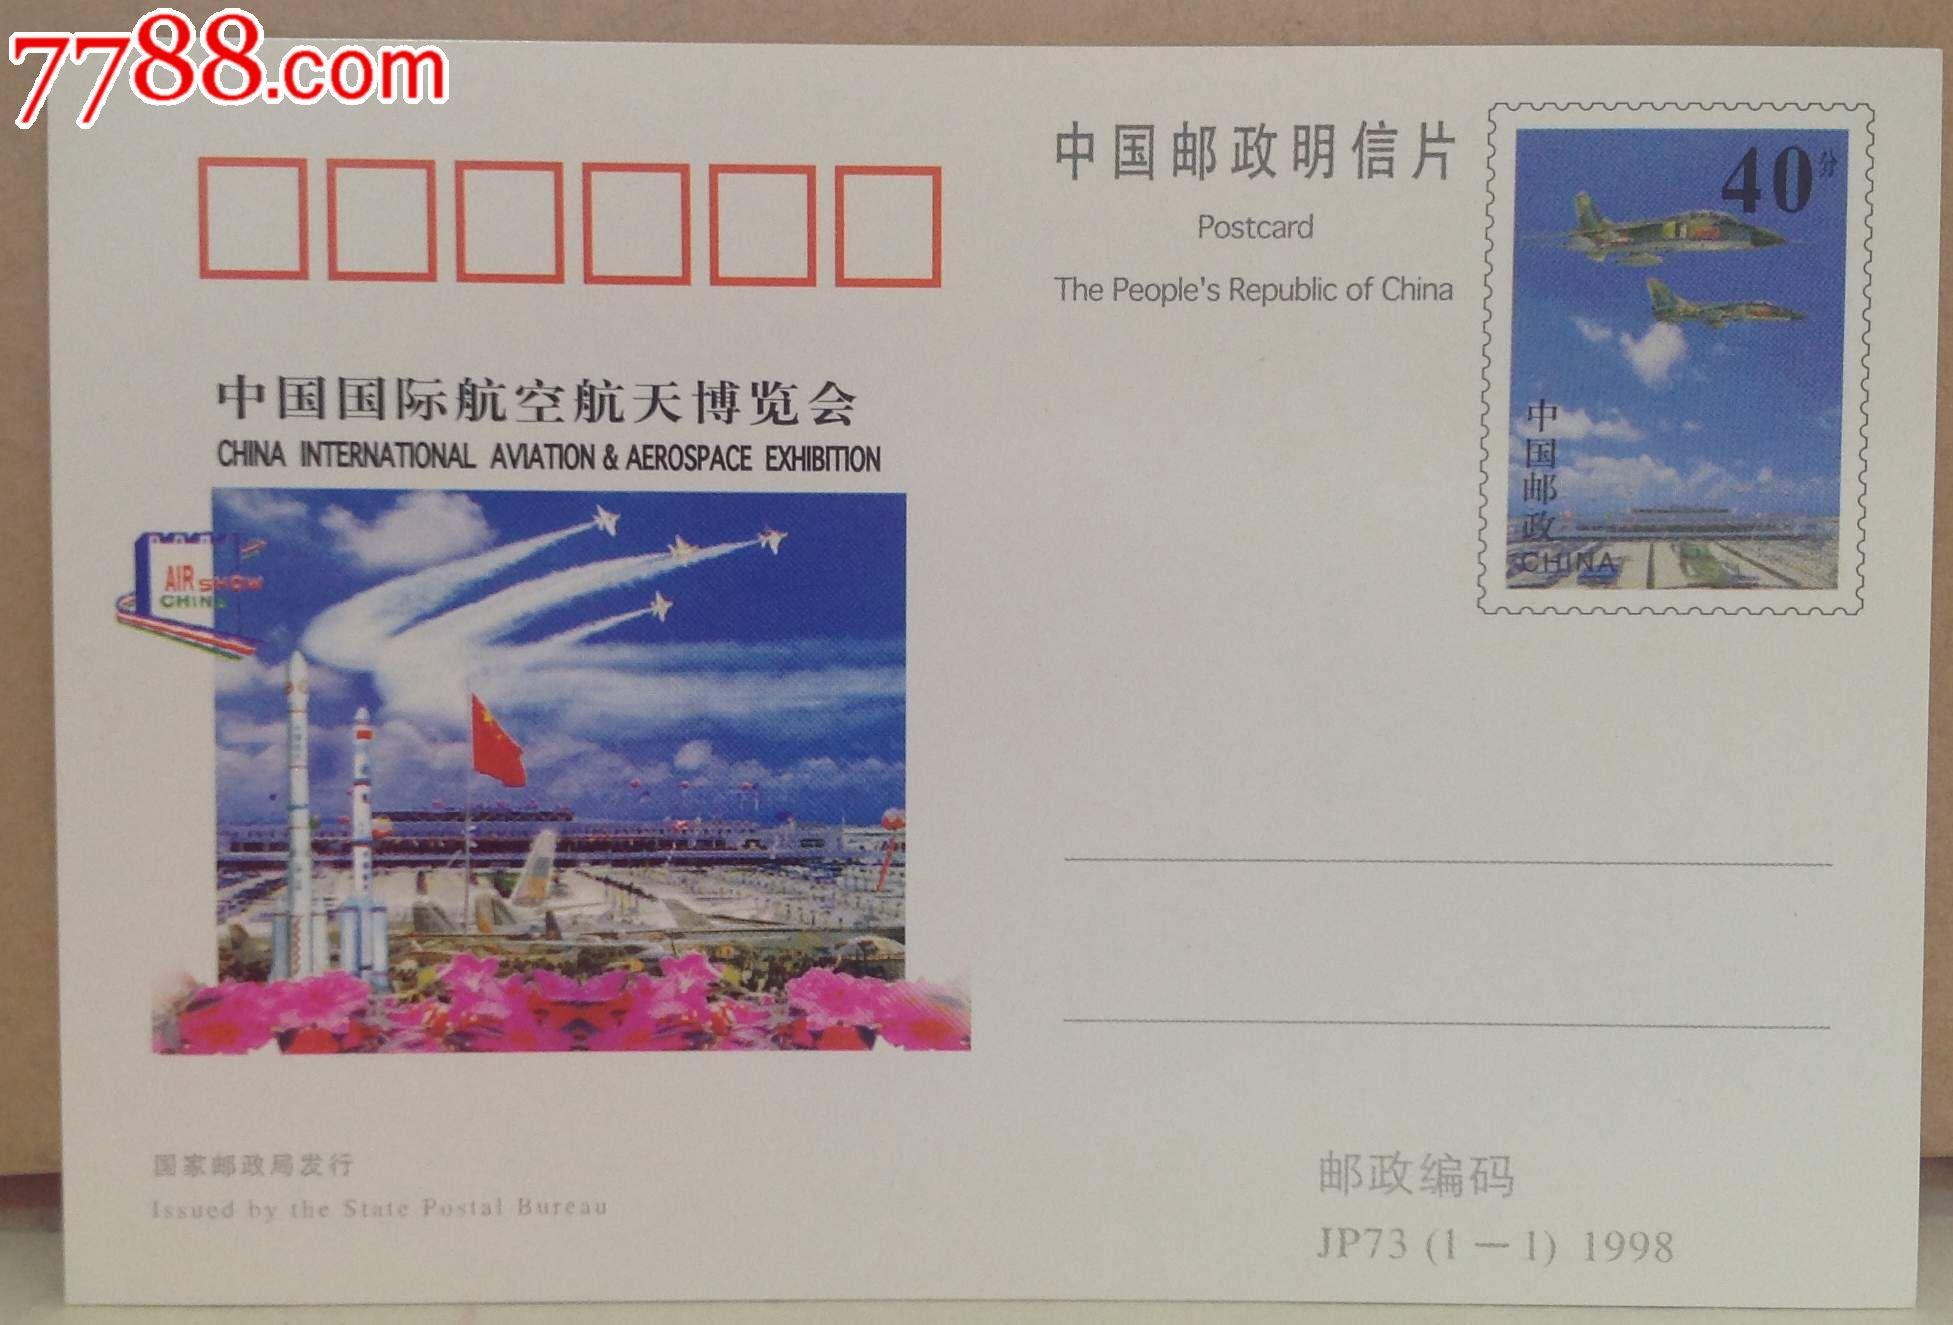 邮资明信片:jp73中国国际航空航天博览会(hh:115.1)